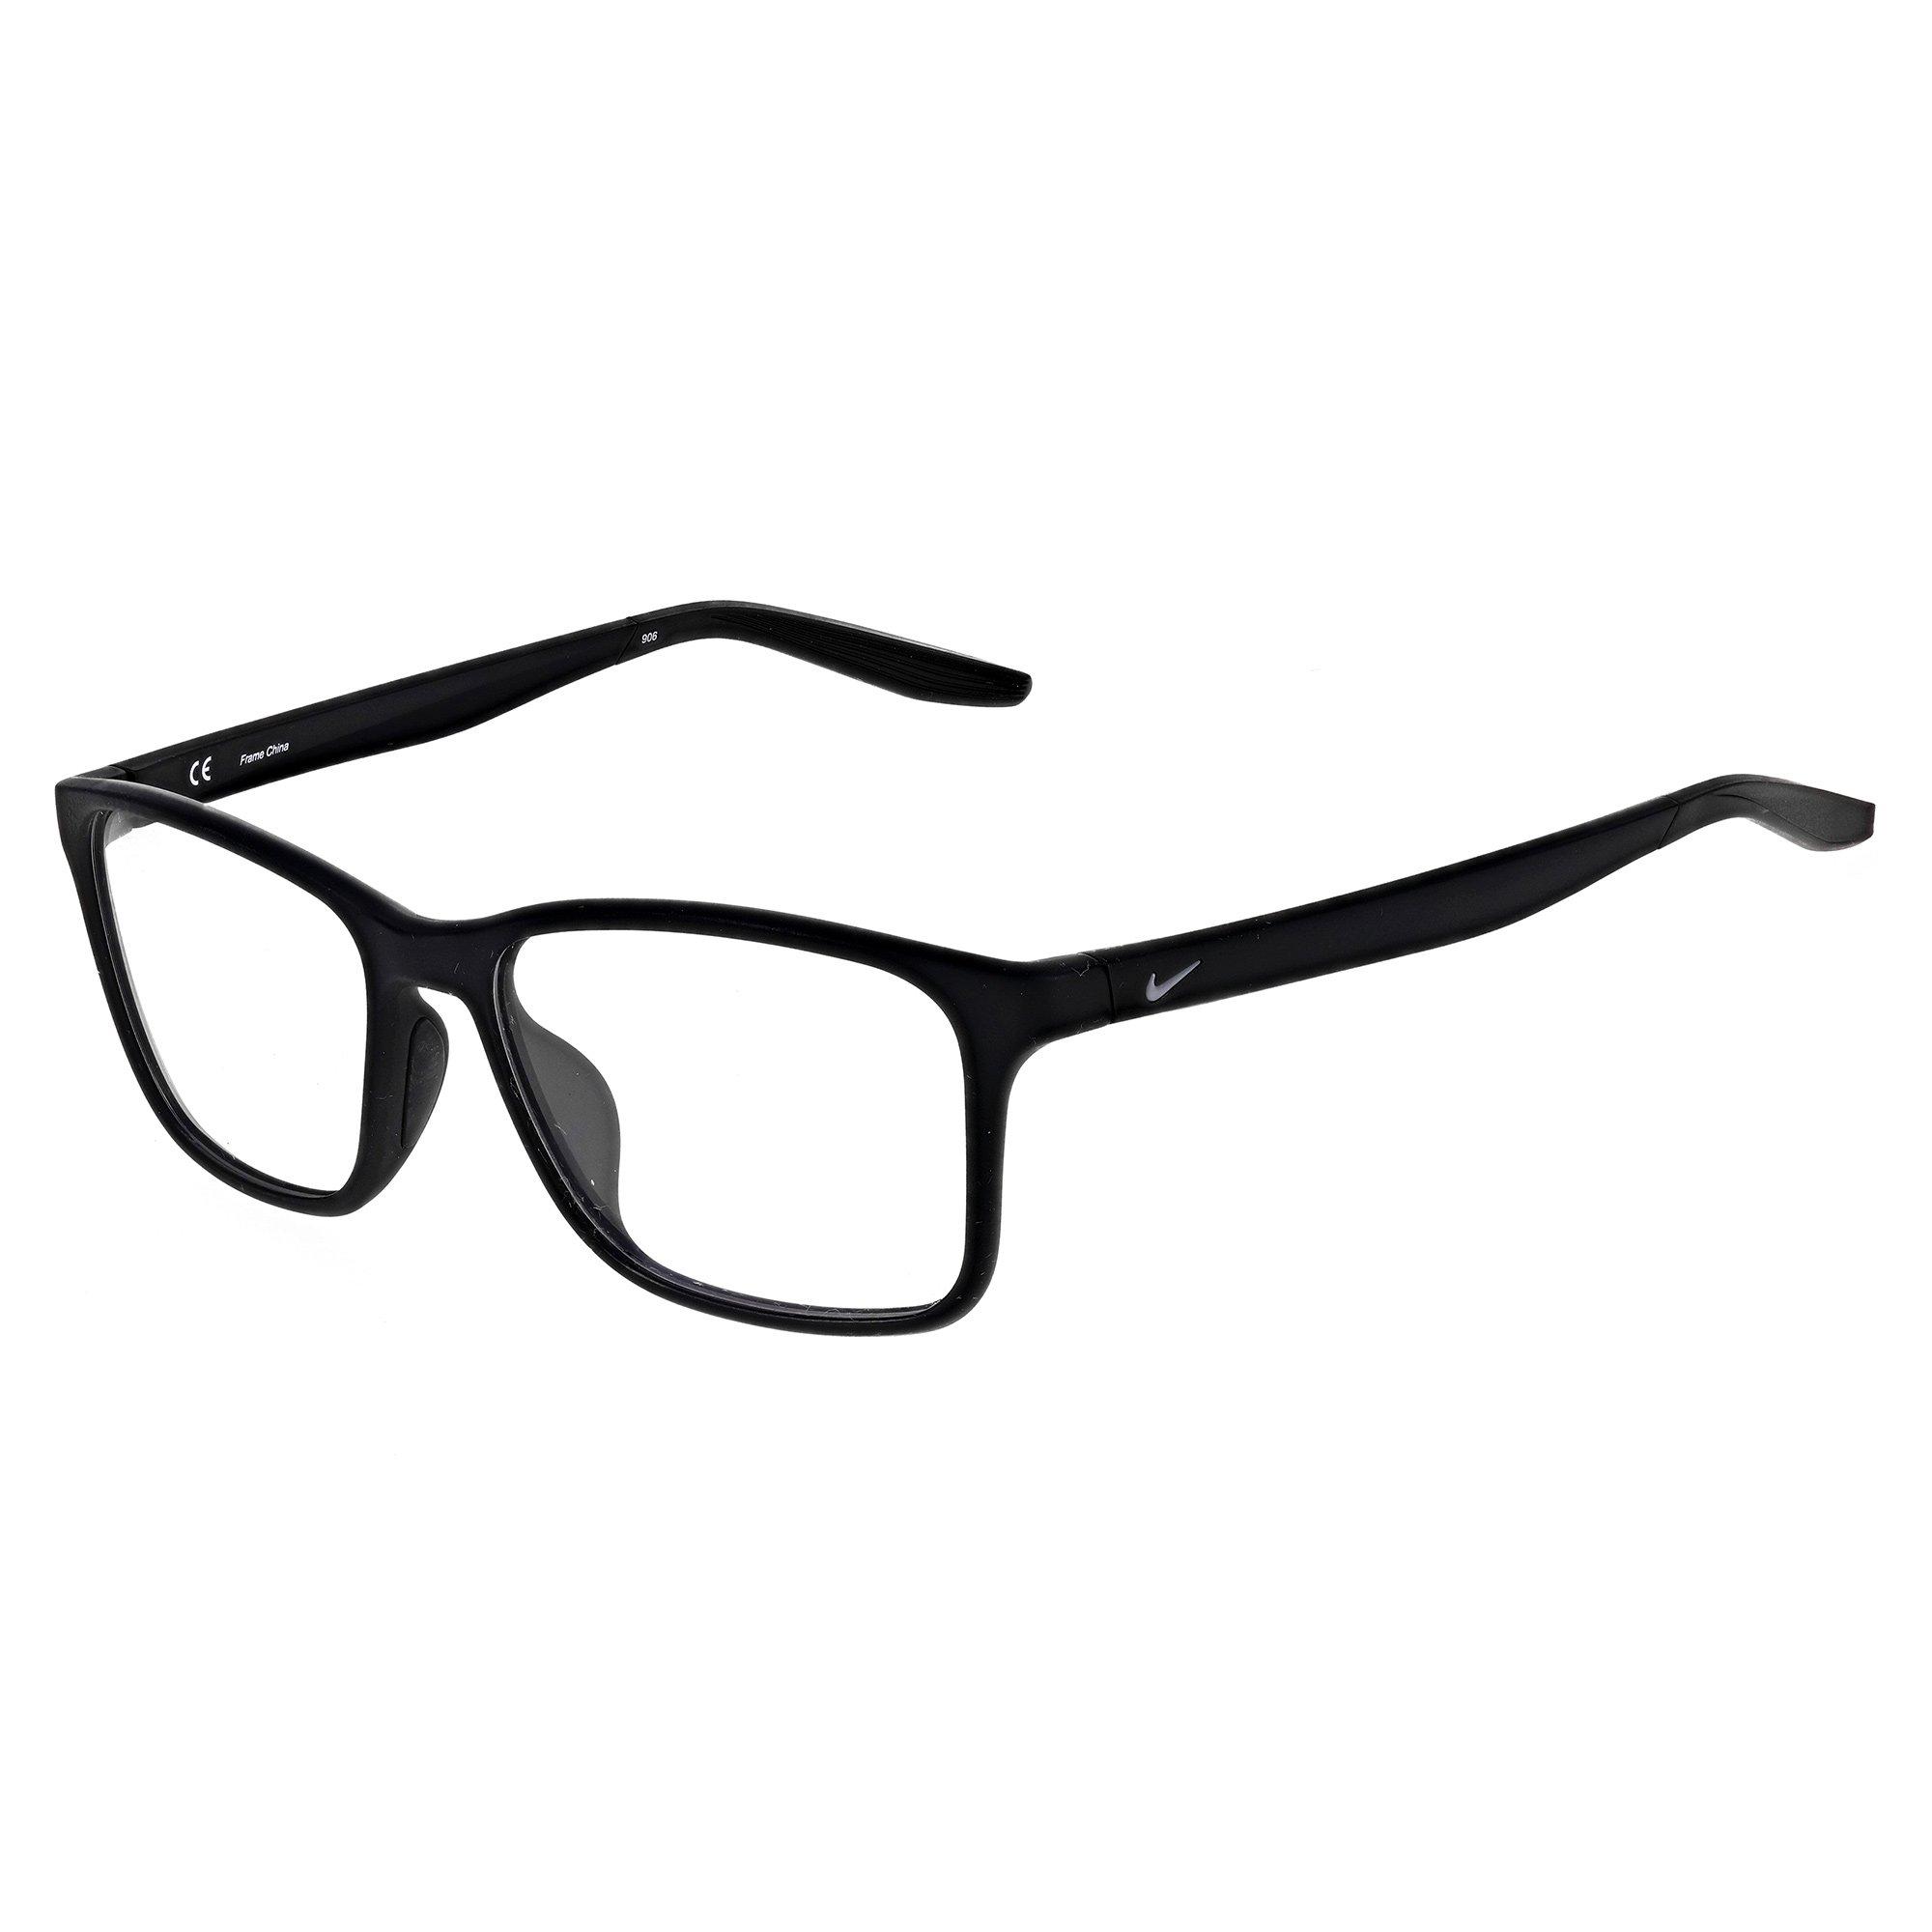 Al por menor Seguir Patrocinar  RG-NI-7117 Nike 7117 Radiation Glasses Frame Size 54-16-140